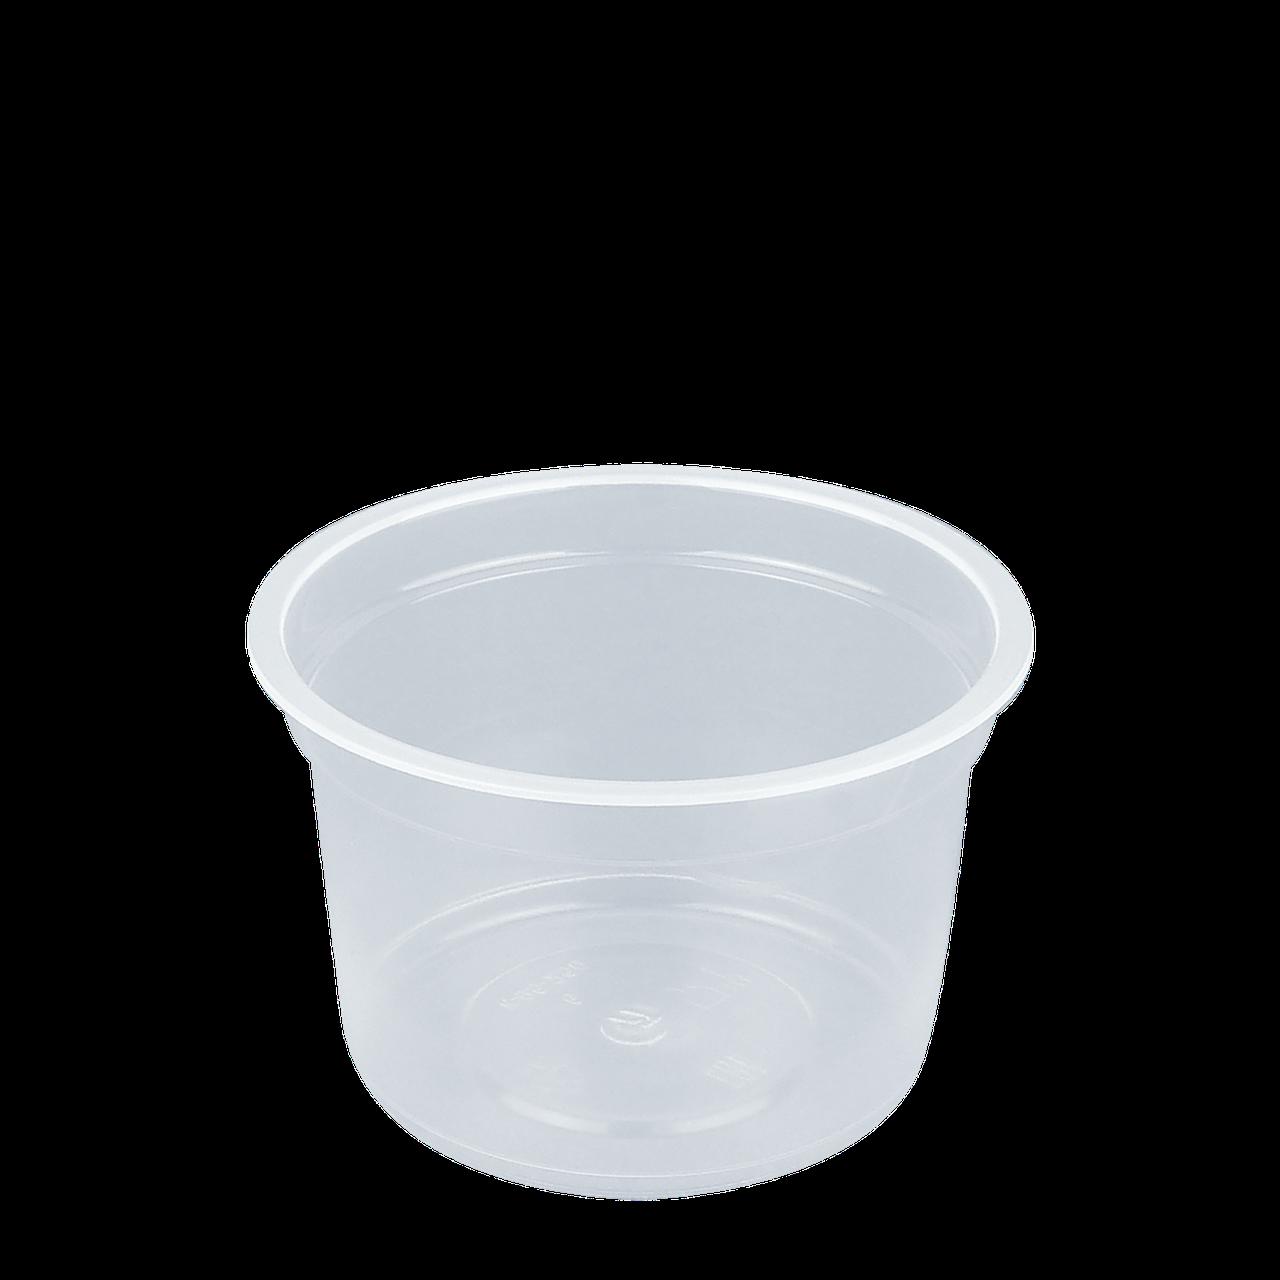 Контейнер прозрачный ПП 200 мл для пищевых продуктов ,95-КП(25 шт в уп.)